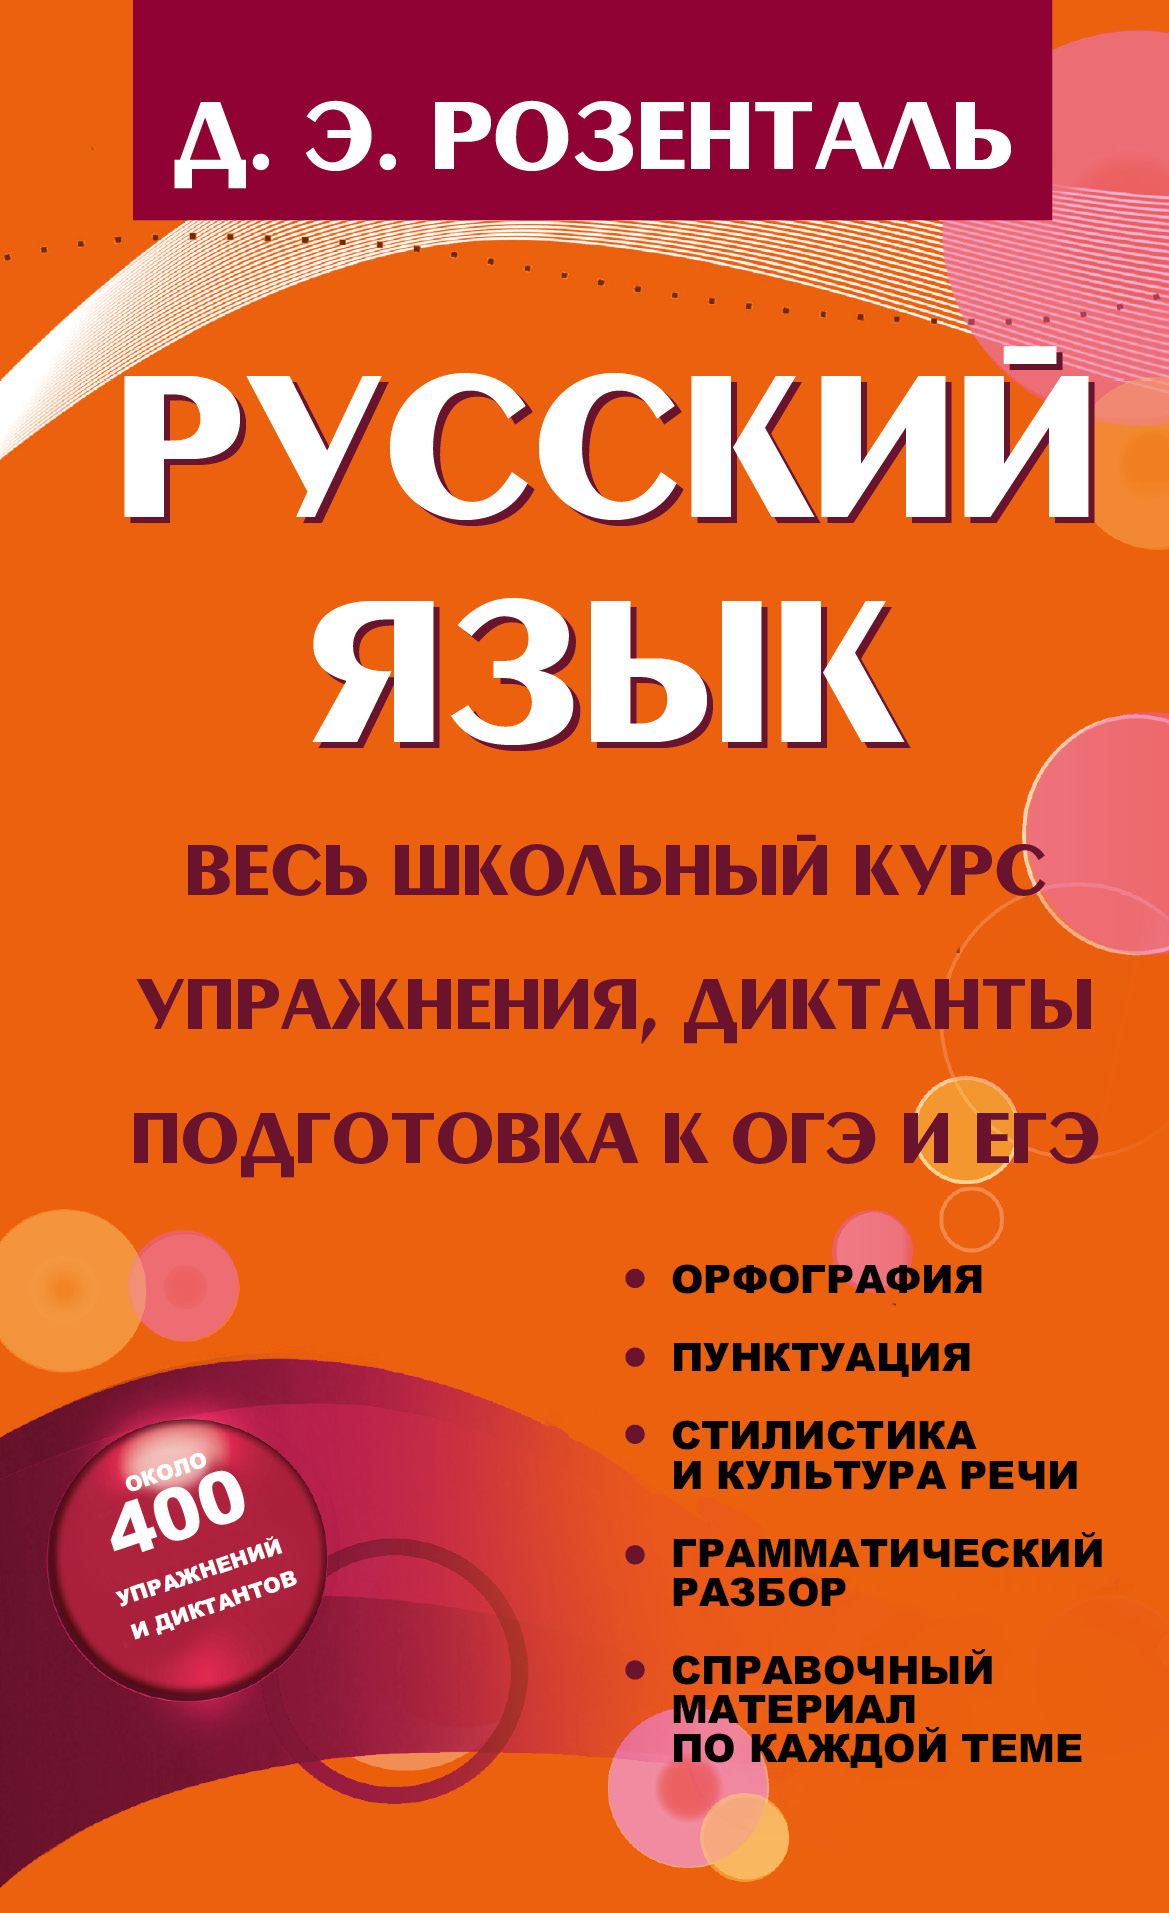 Русский Язык, Весь Школьный курс, Упражнения, Диктанты, подготовка к Огэ и Егэ